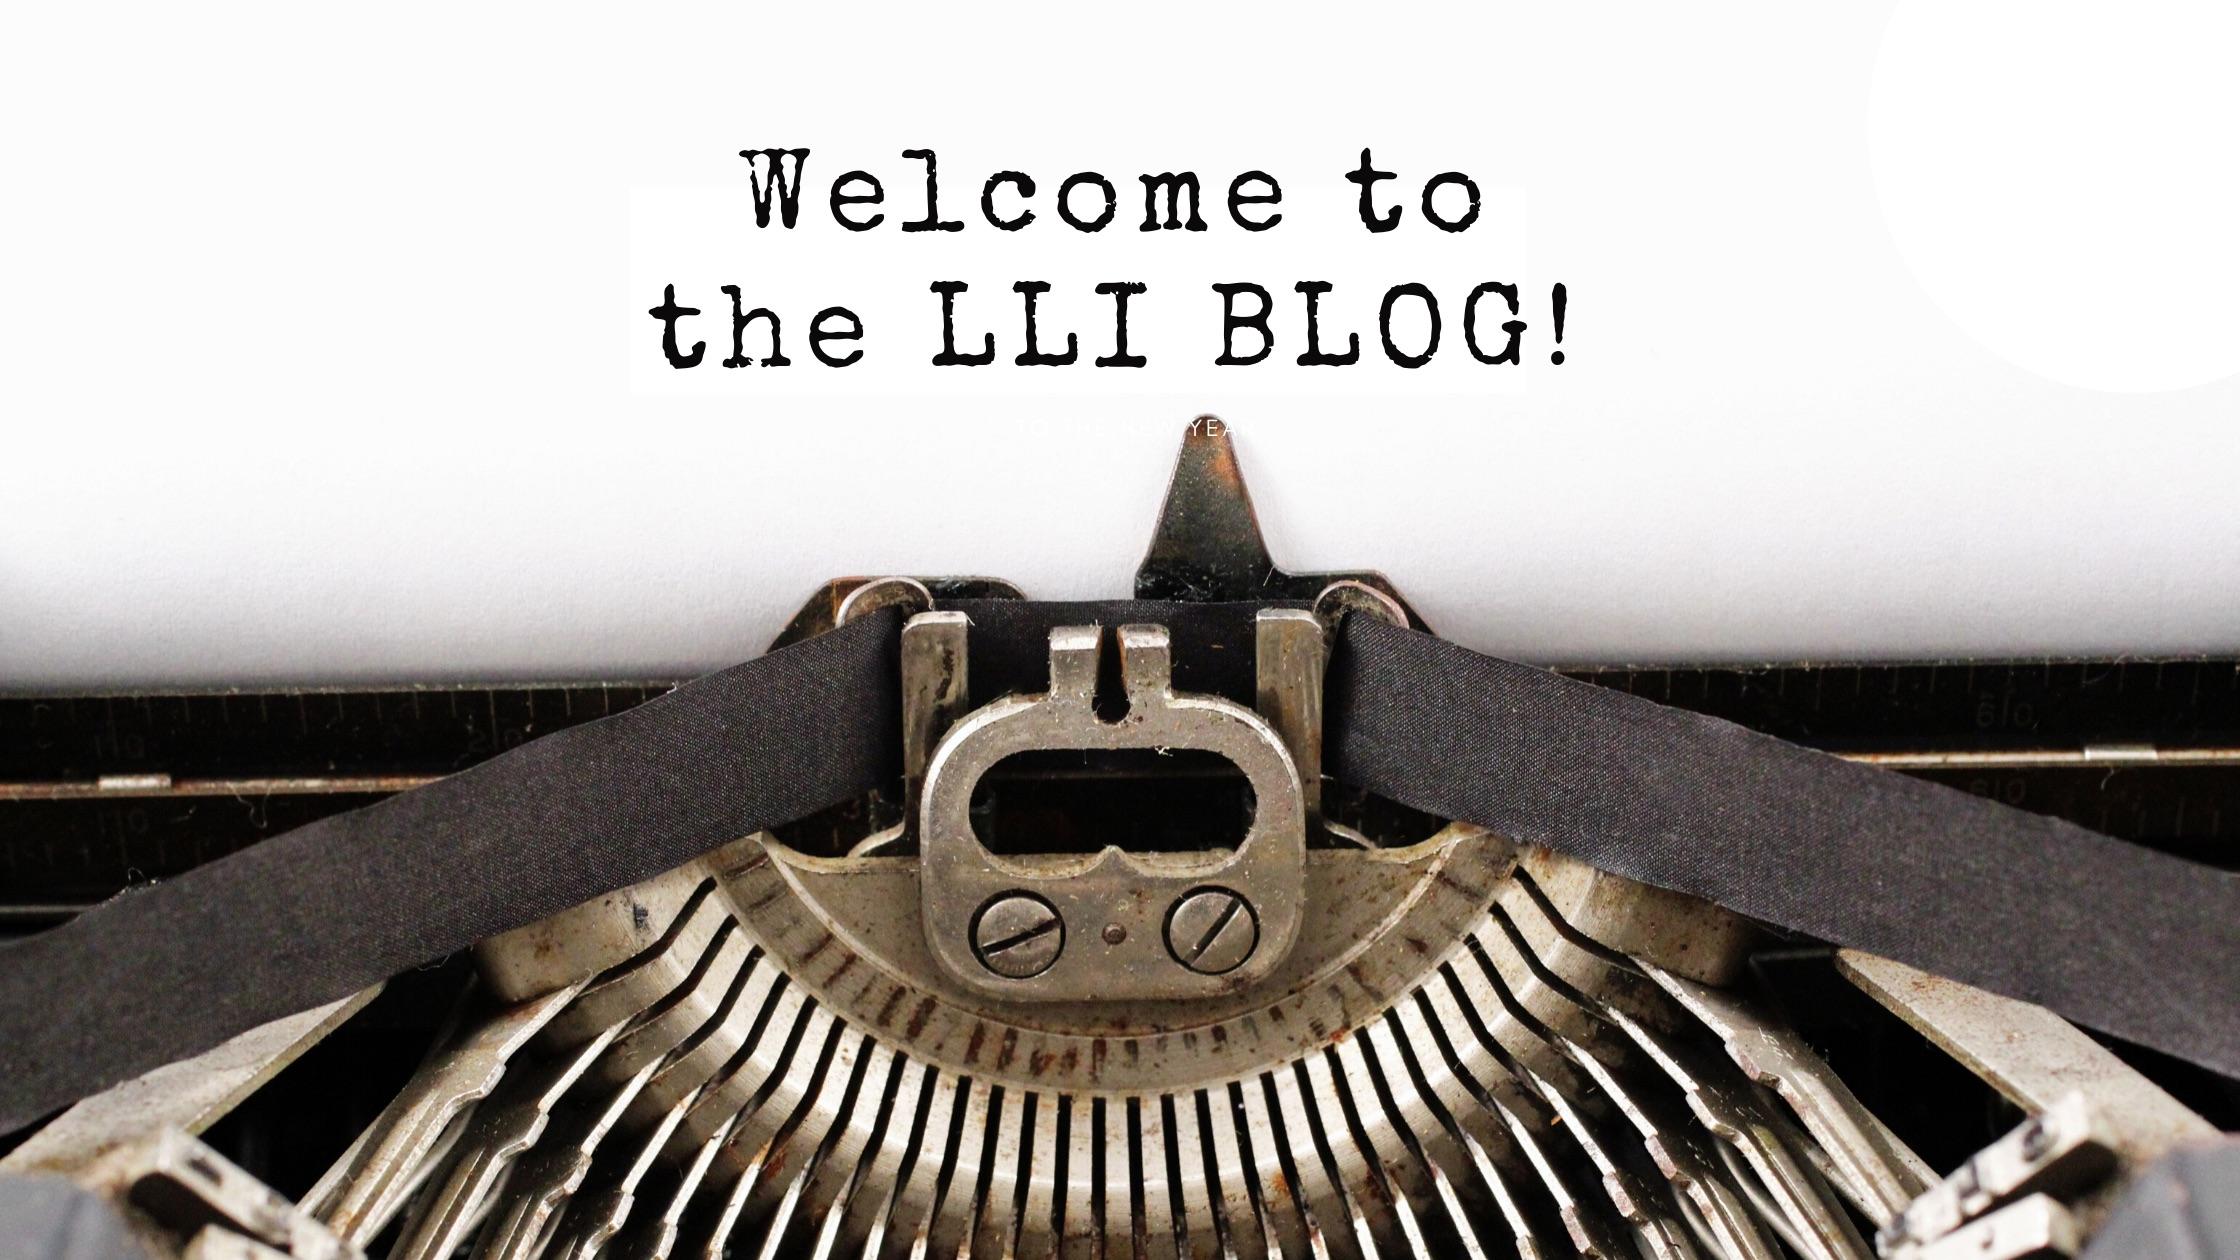 Let the blogging begin!